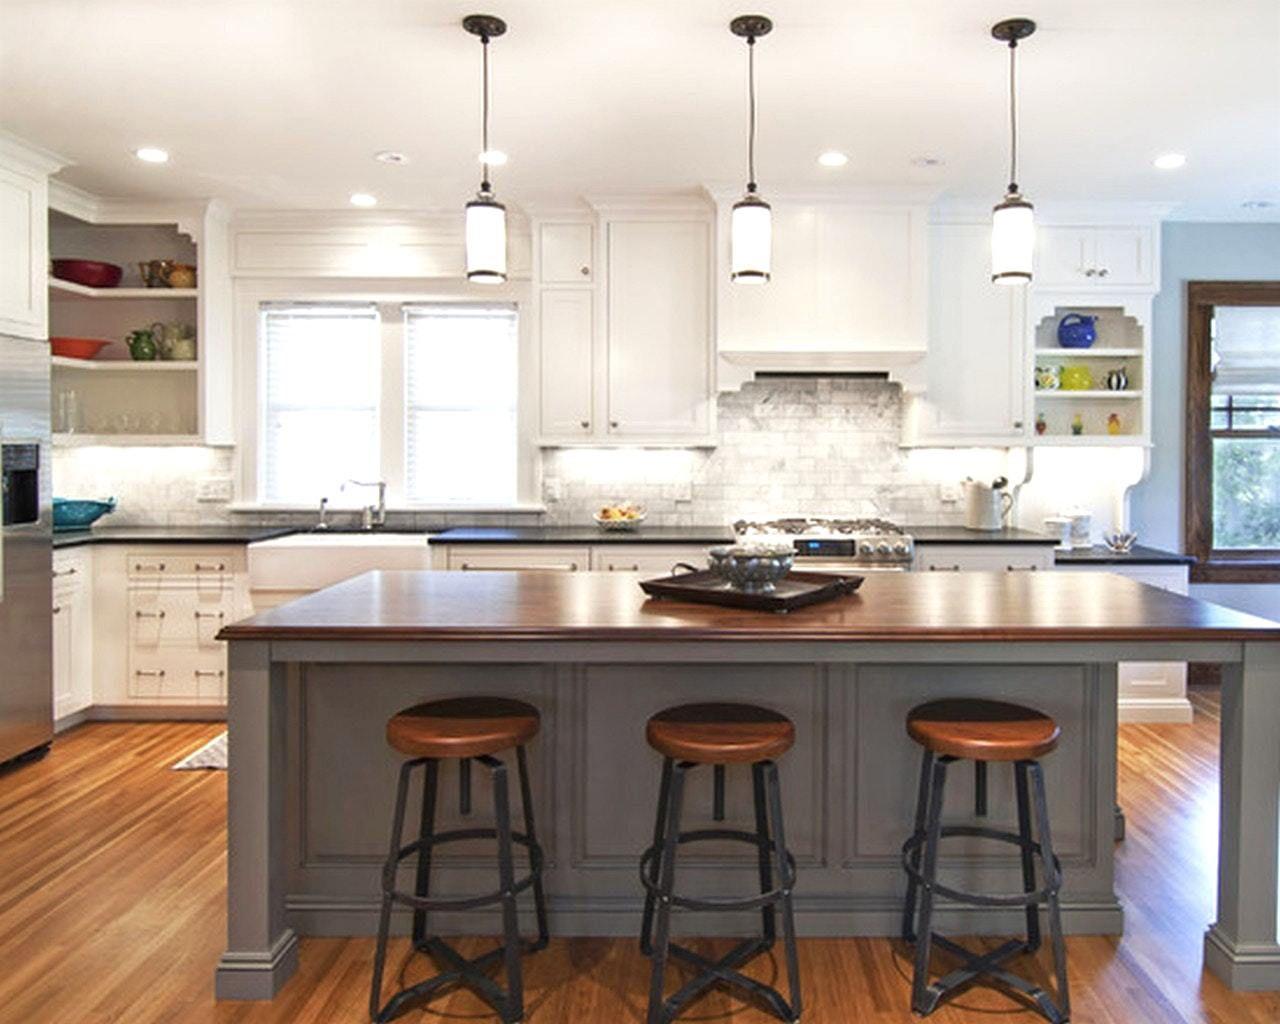 Pendant lights enjoyable kitchen lighting over table modern for